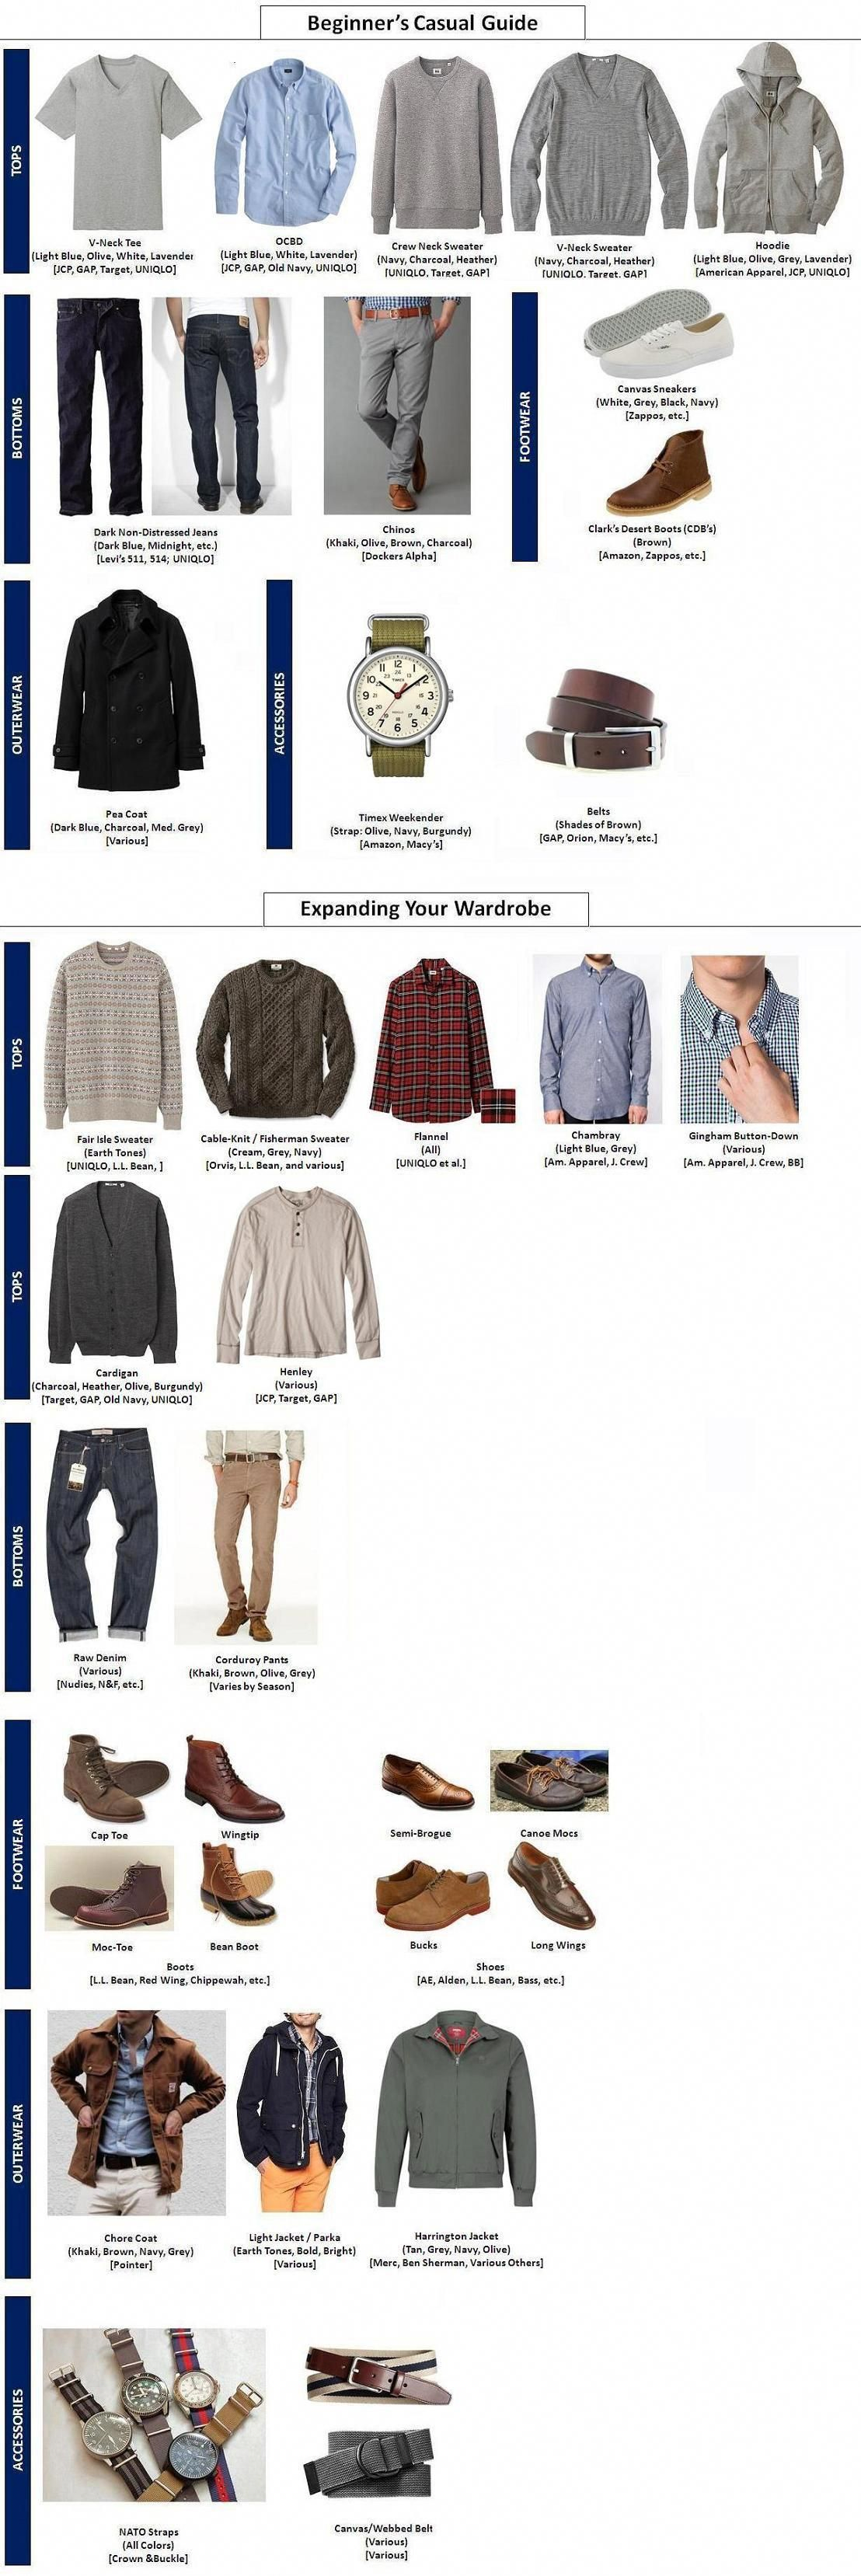 1c708b24bf44  MensFashionCargoPants Male Fashion Advice